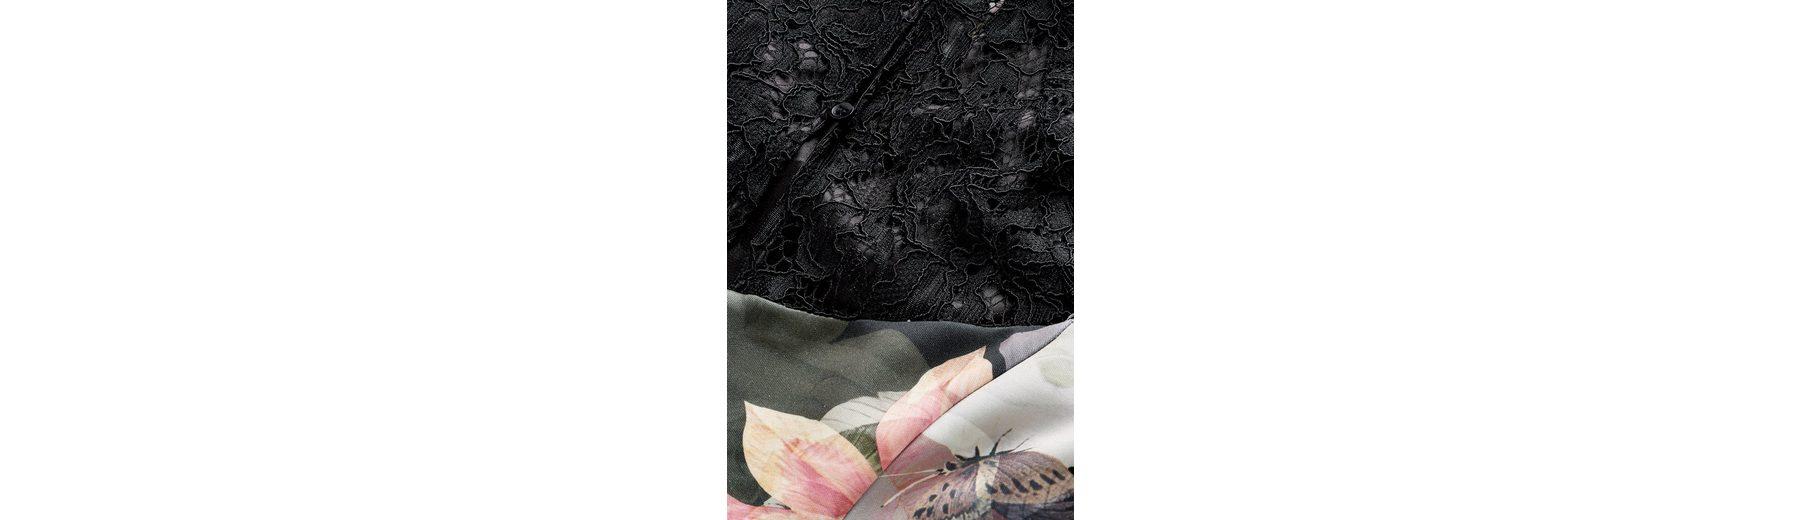 2018 Online Freies Verschiffen Wirklich Next Hochgeschlossenes Bodycon-Kleid mit Spitze Professionelle Günstig Online yiwFwHi